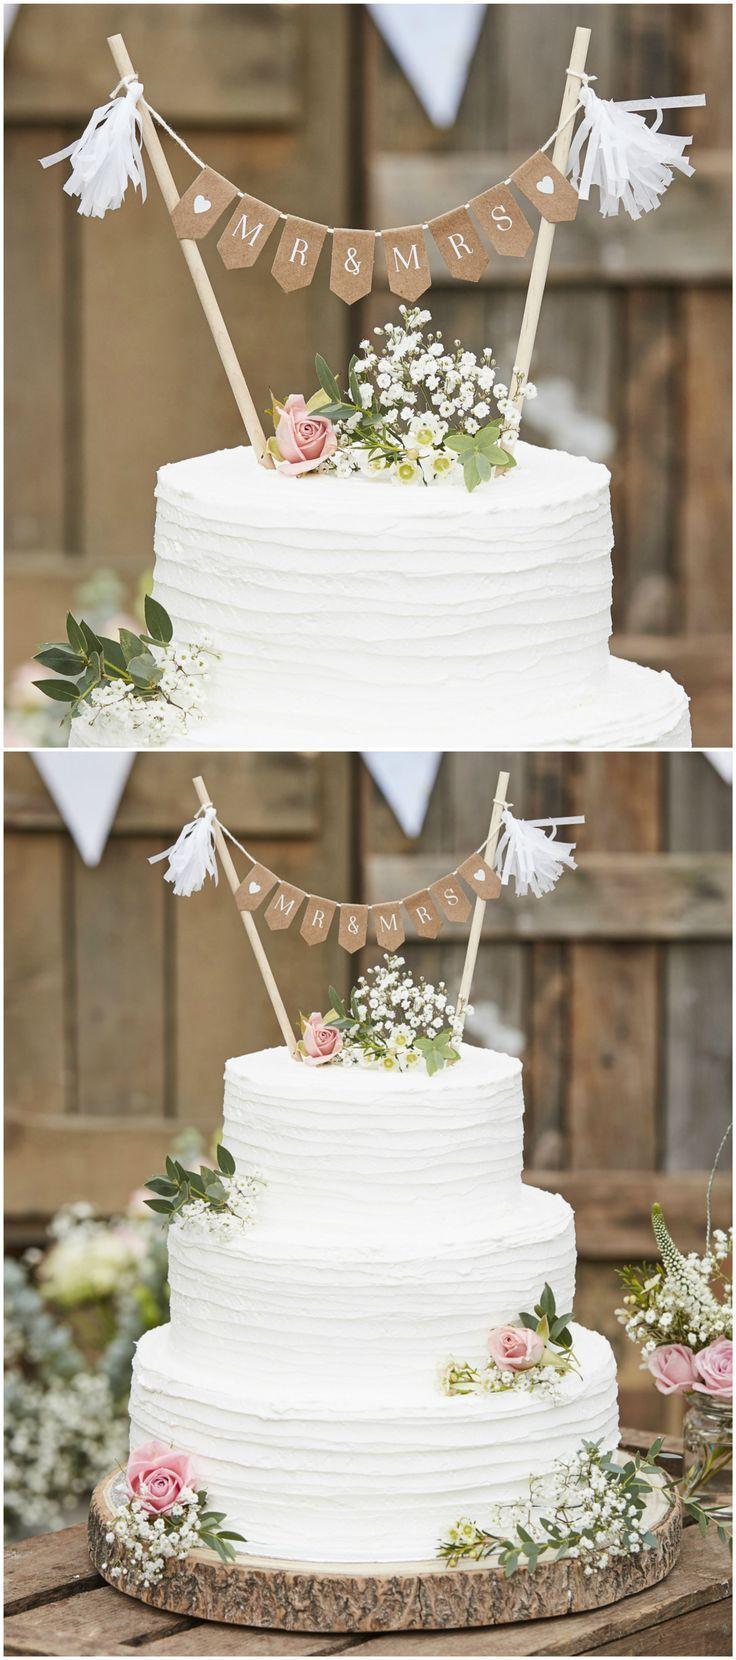 Vintage Hochzeit Dekorationen Ideen Boho ich rustikal ich Hochzeit ich Lichterketten ich Lich Hochzeitsorte